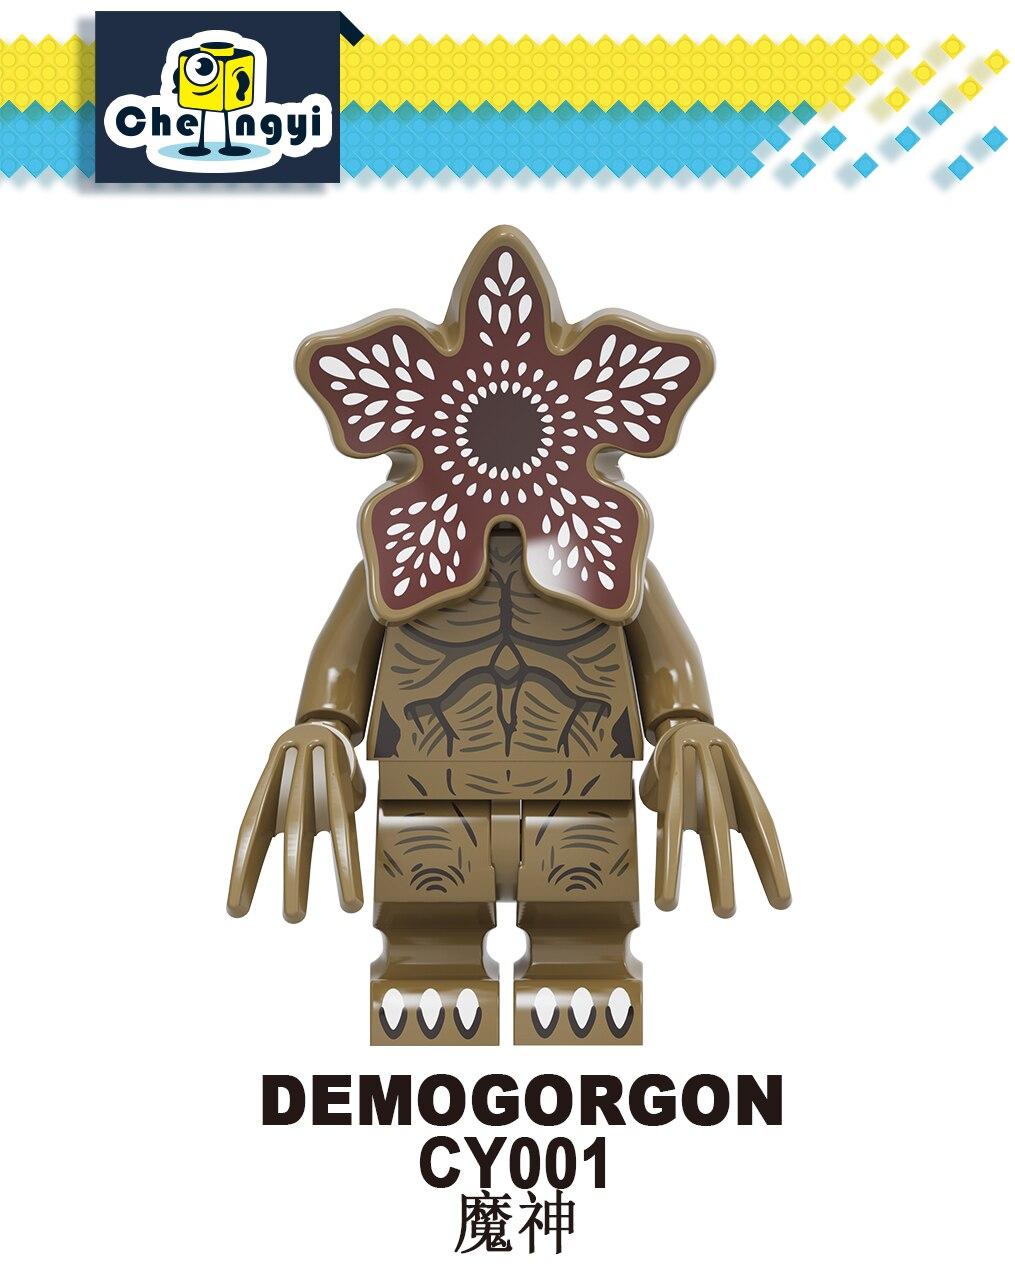 Single Sale Demogorgon Stranger Things Dustin Henderson Mike Wheeler Eleven Building Blocks Education Toys For Children CY001